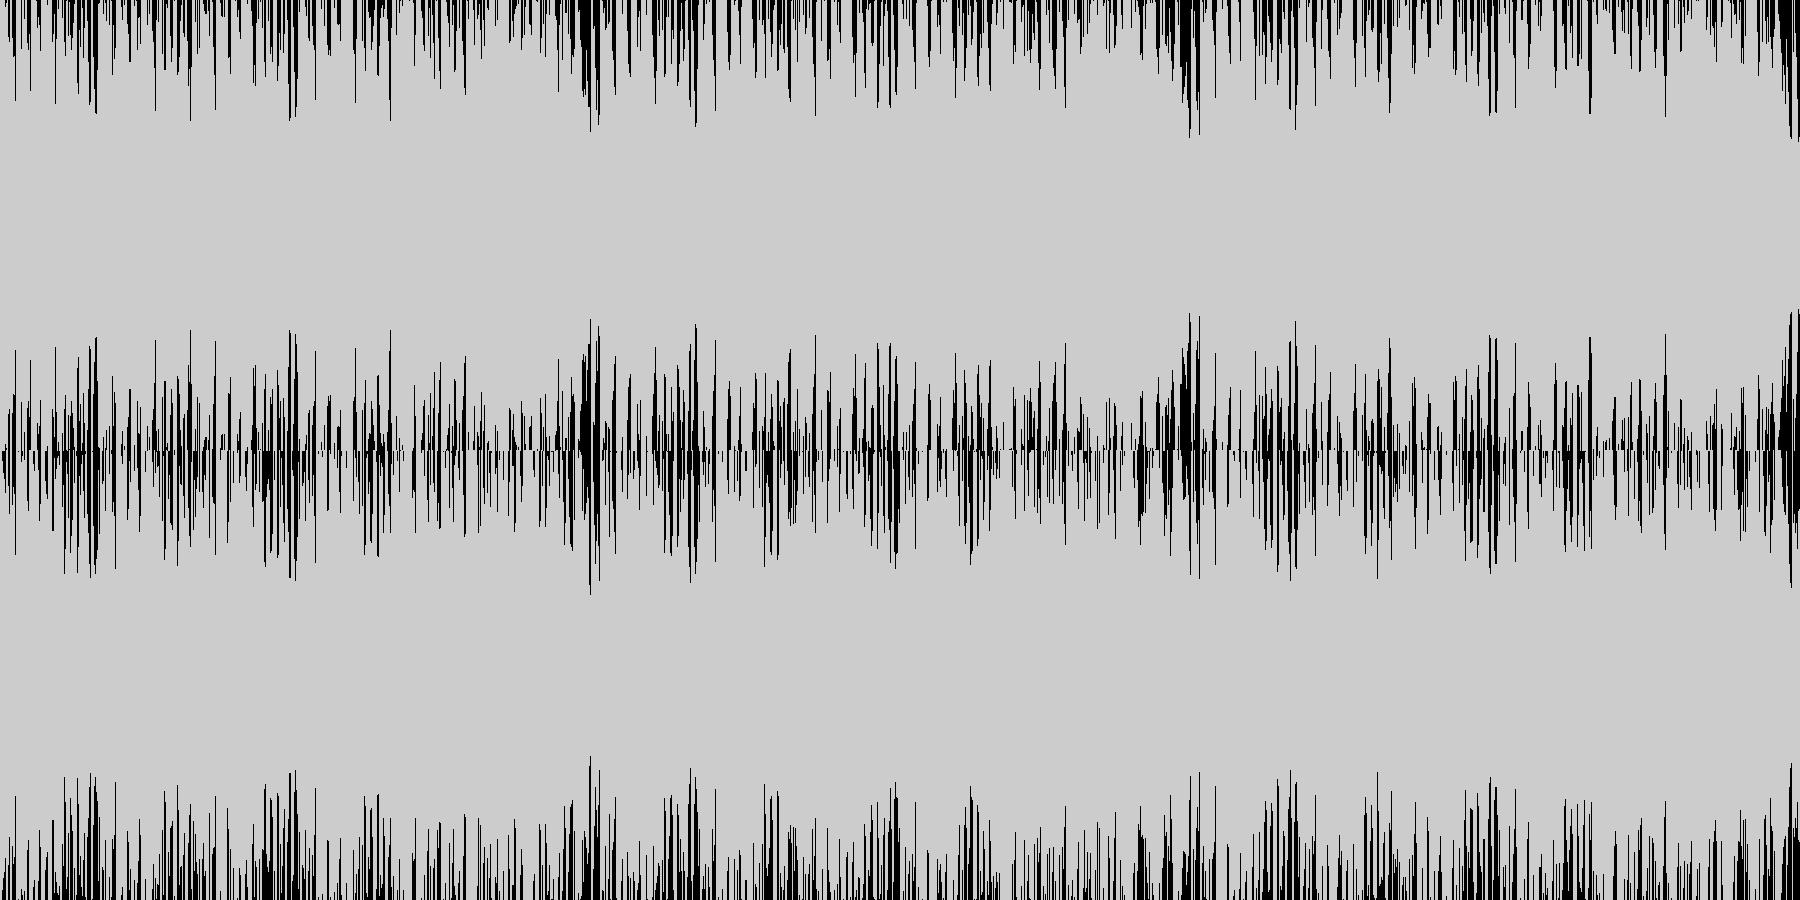 ほのぼのとしたデート用のBGMの未再生の波形